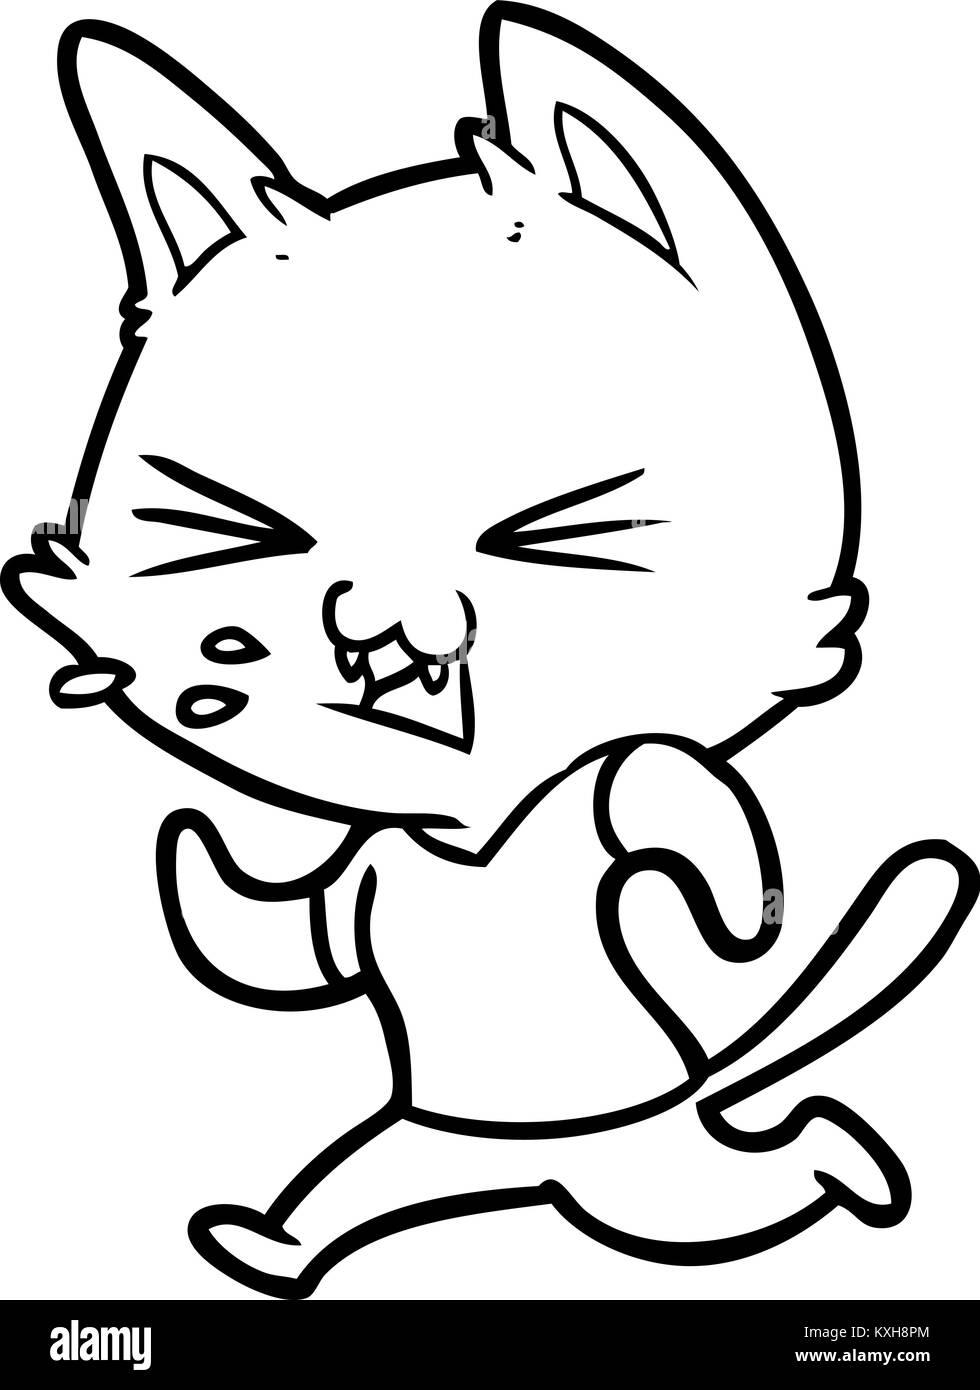 cartoon running cat hissing stock vector art illustration vector Cat PO cartoon running cat hissing